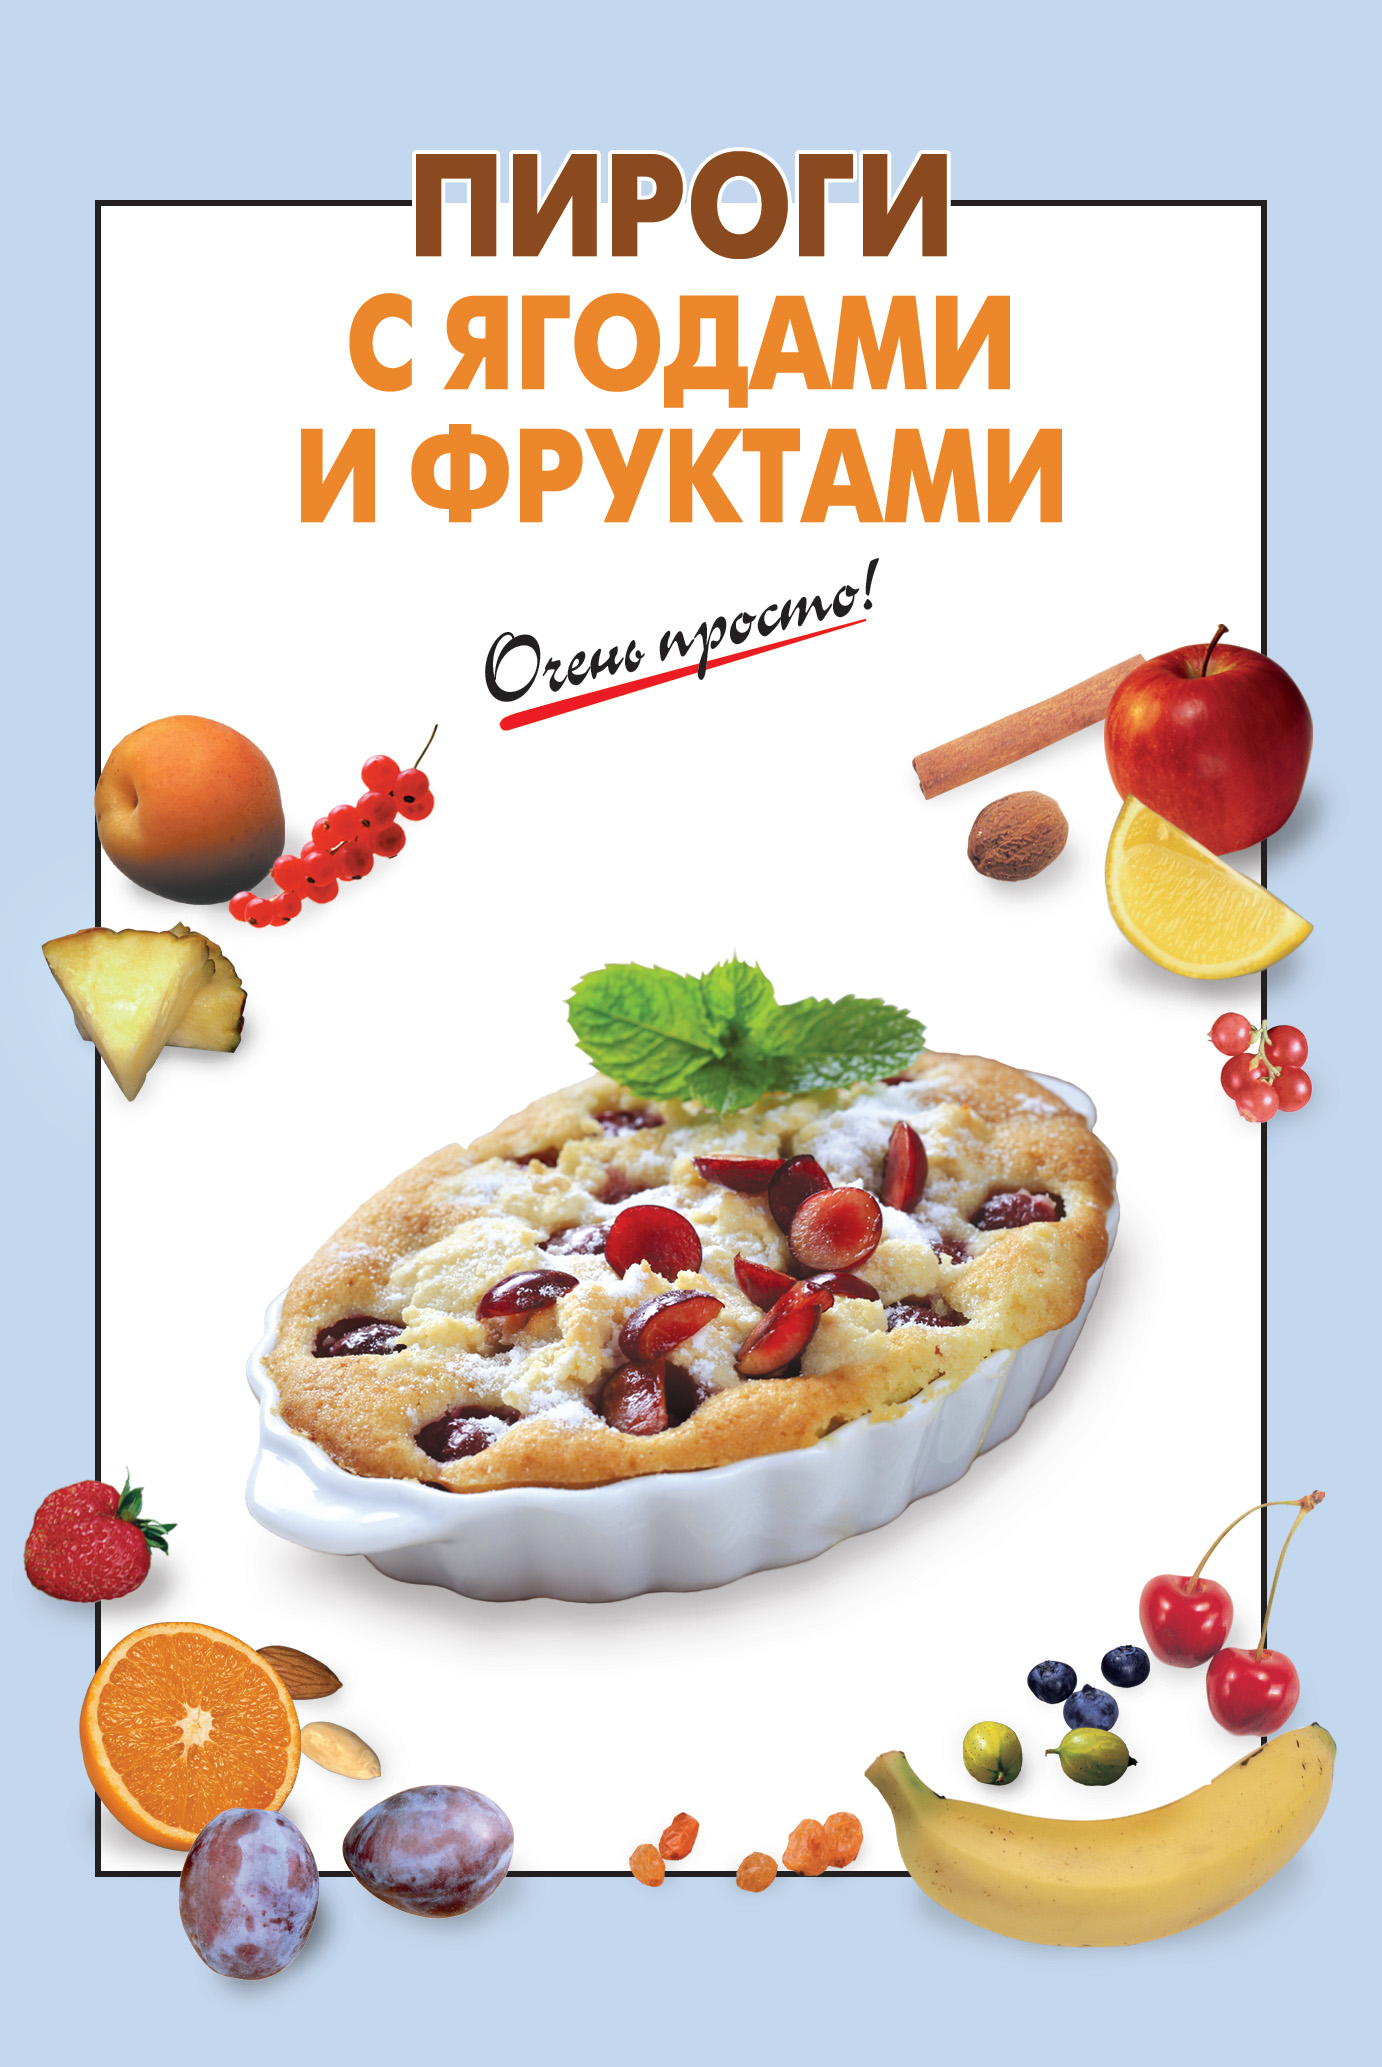 Отсутствует Пироги с ягодами и фруктами татарские пироги в москве